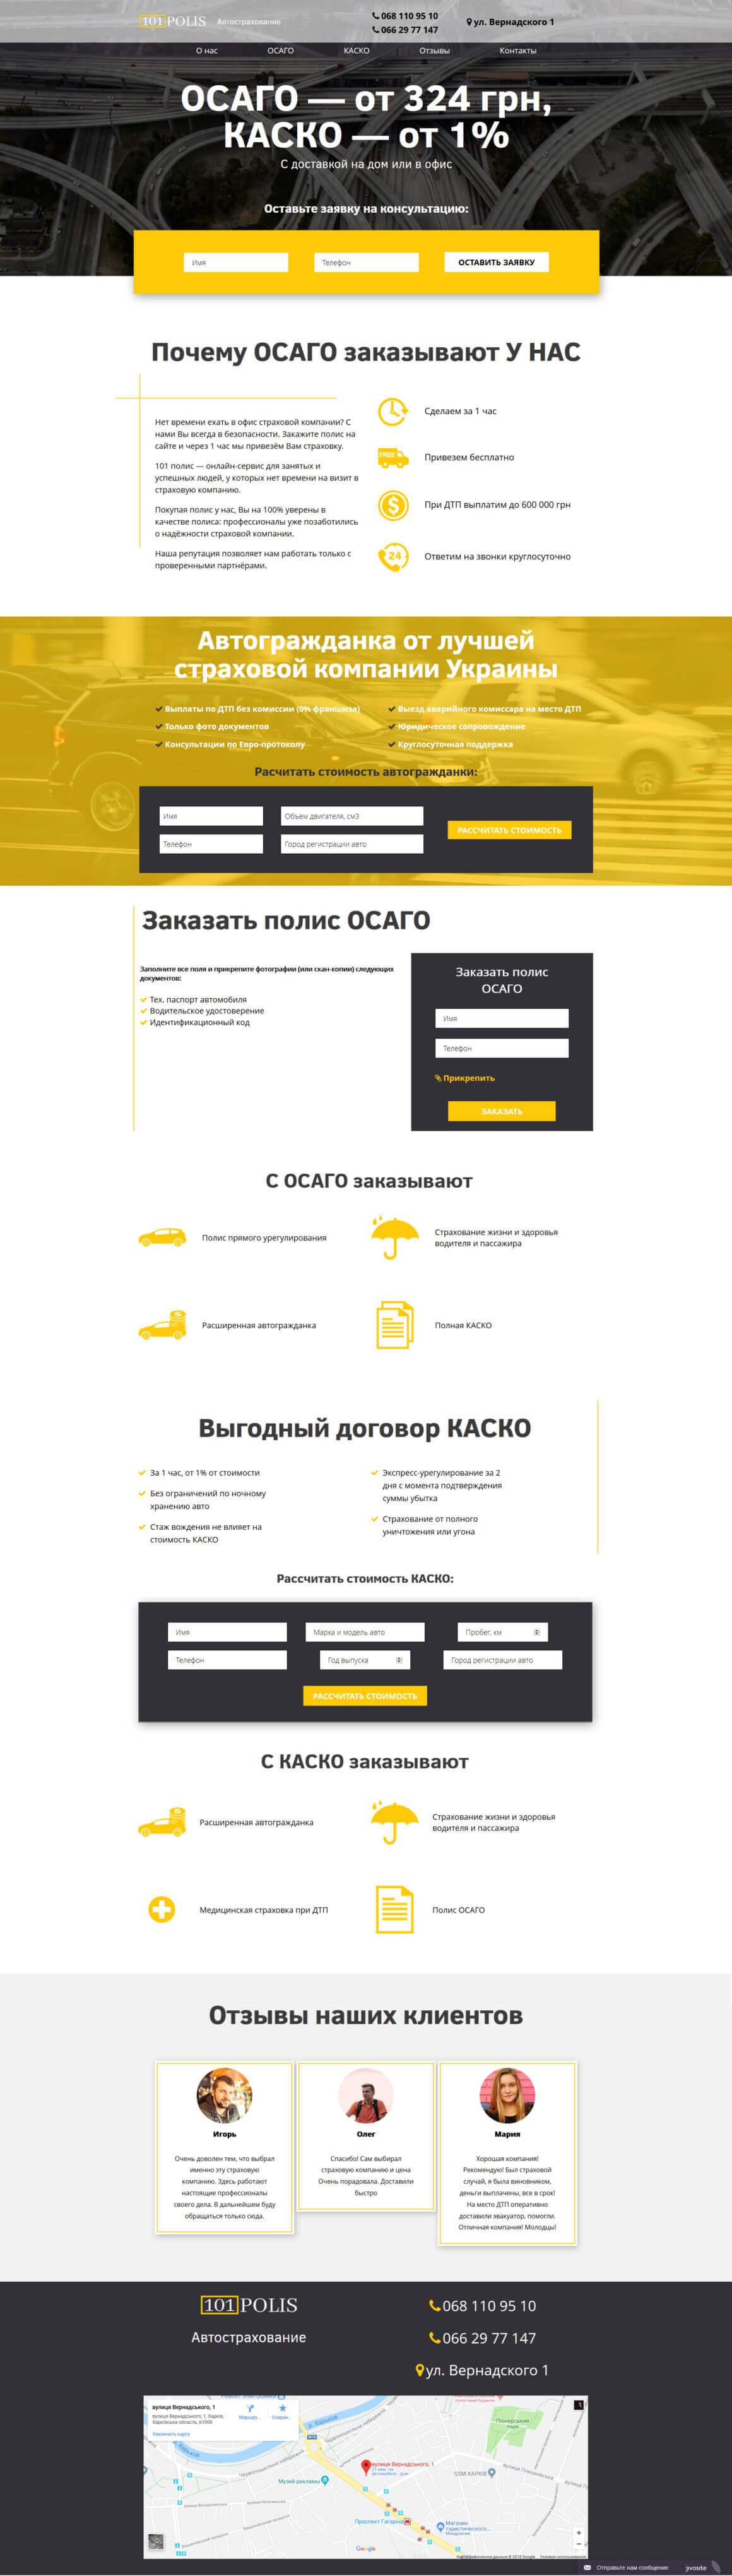 Сайт страхования ОСАГО